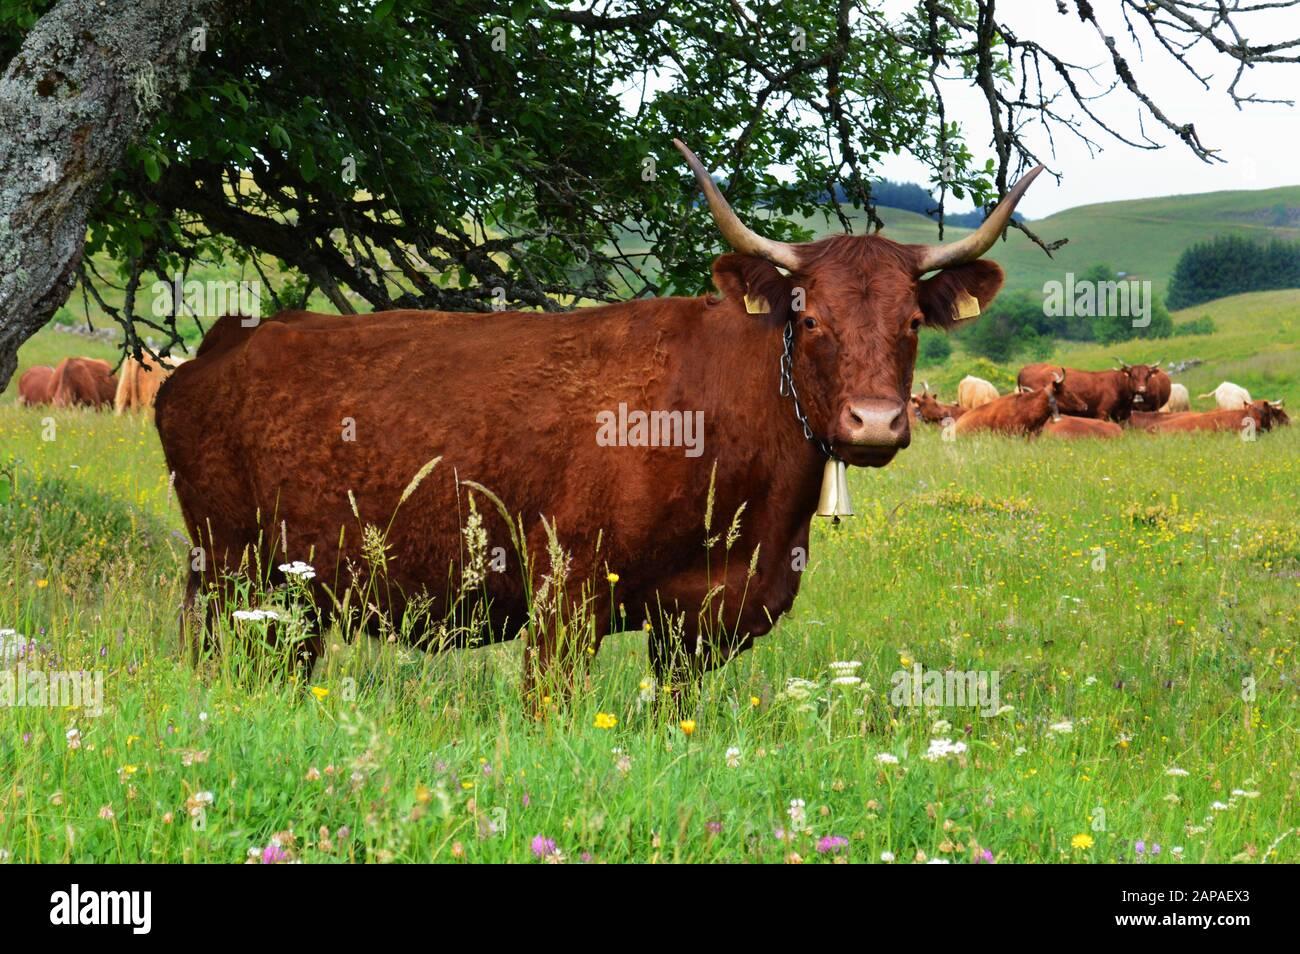 Belle vache de montagne de Salers se reproduisent dans un champ. Bovins laitiers Banque D'Images